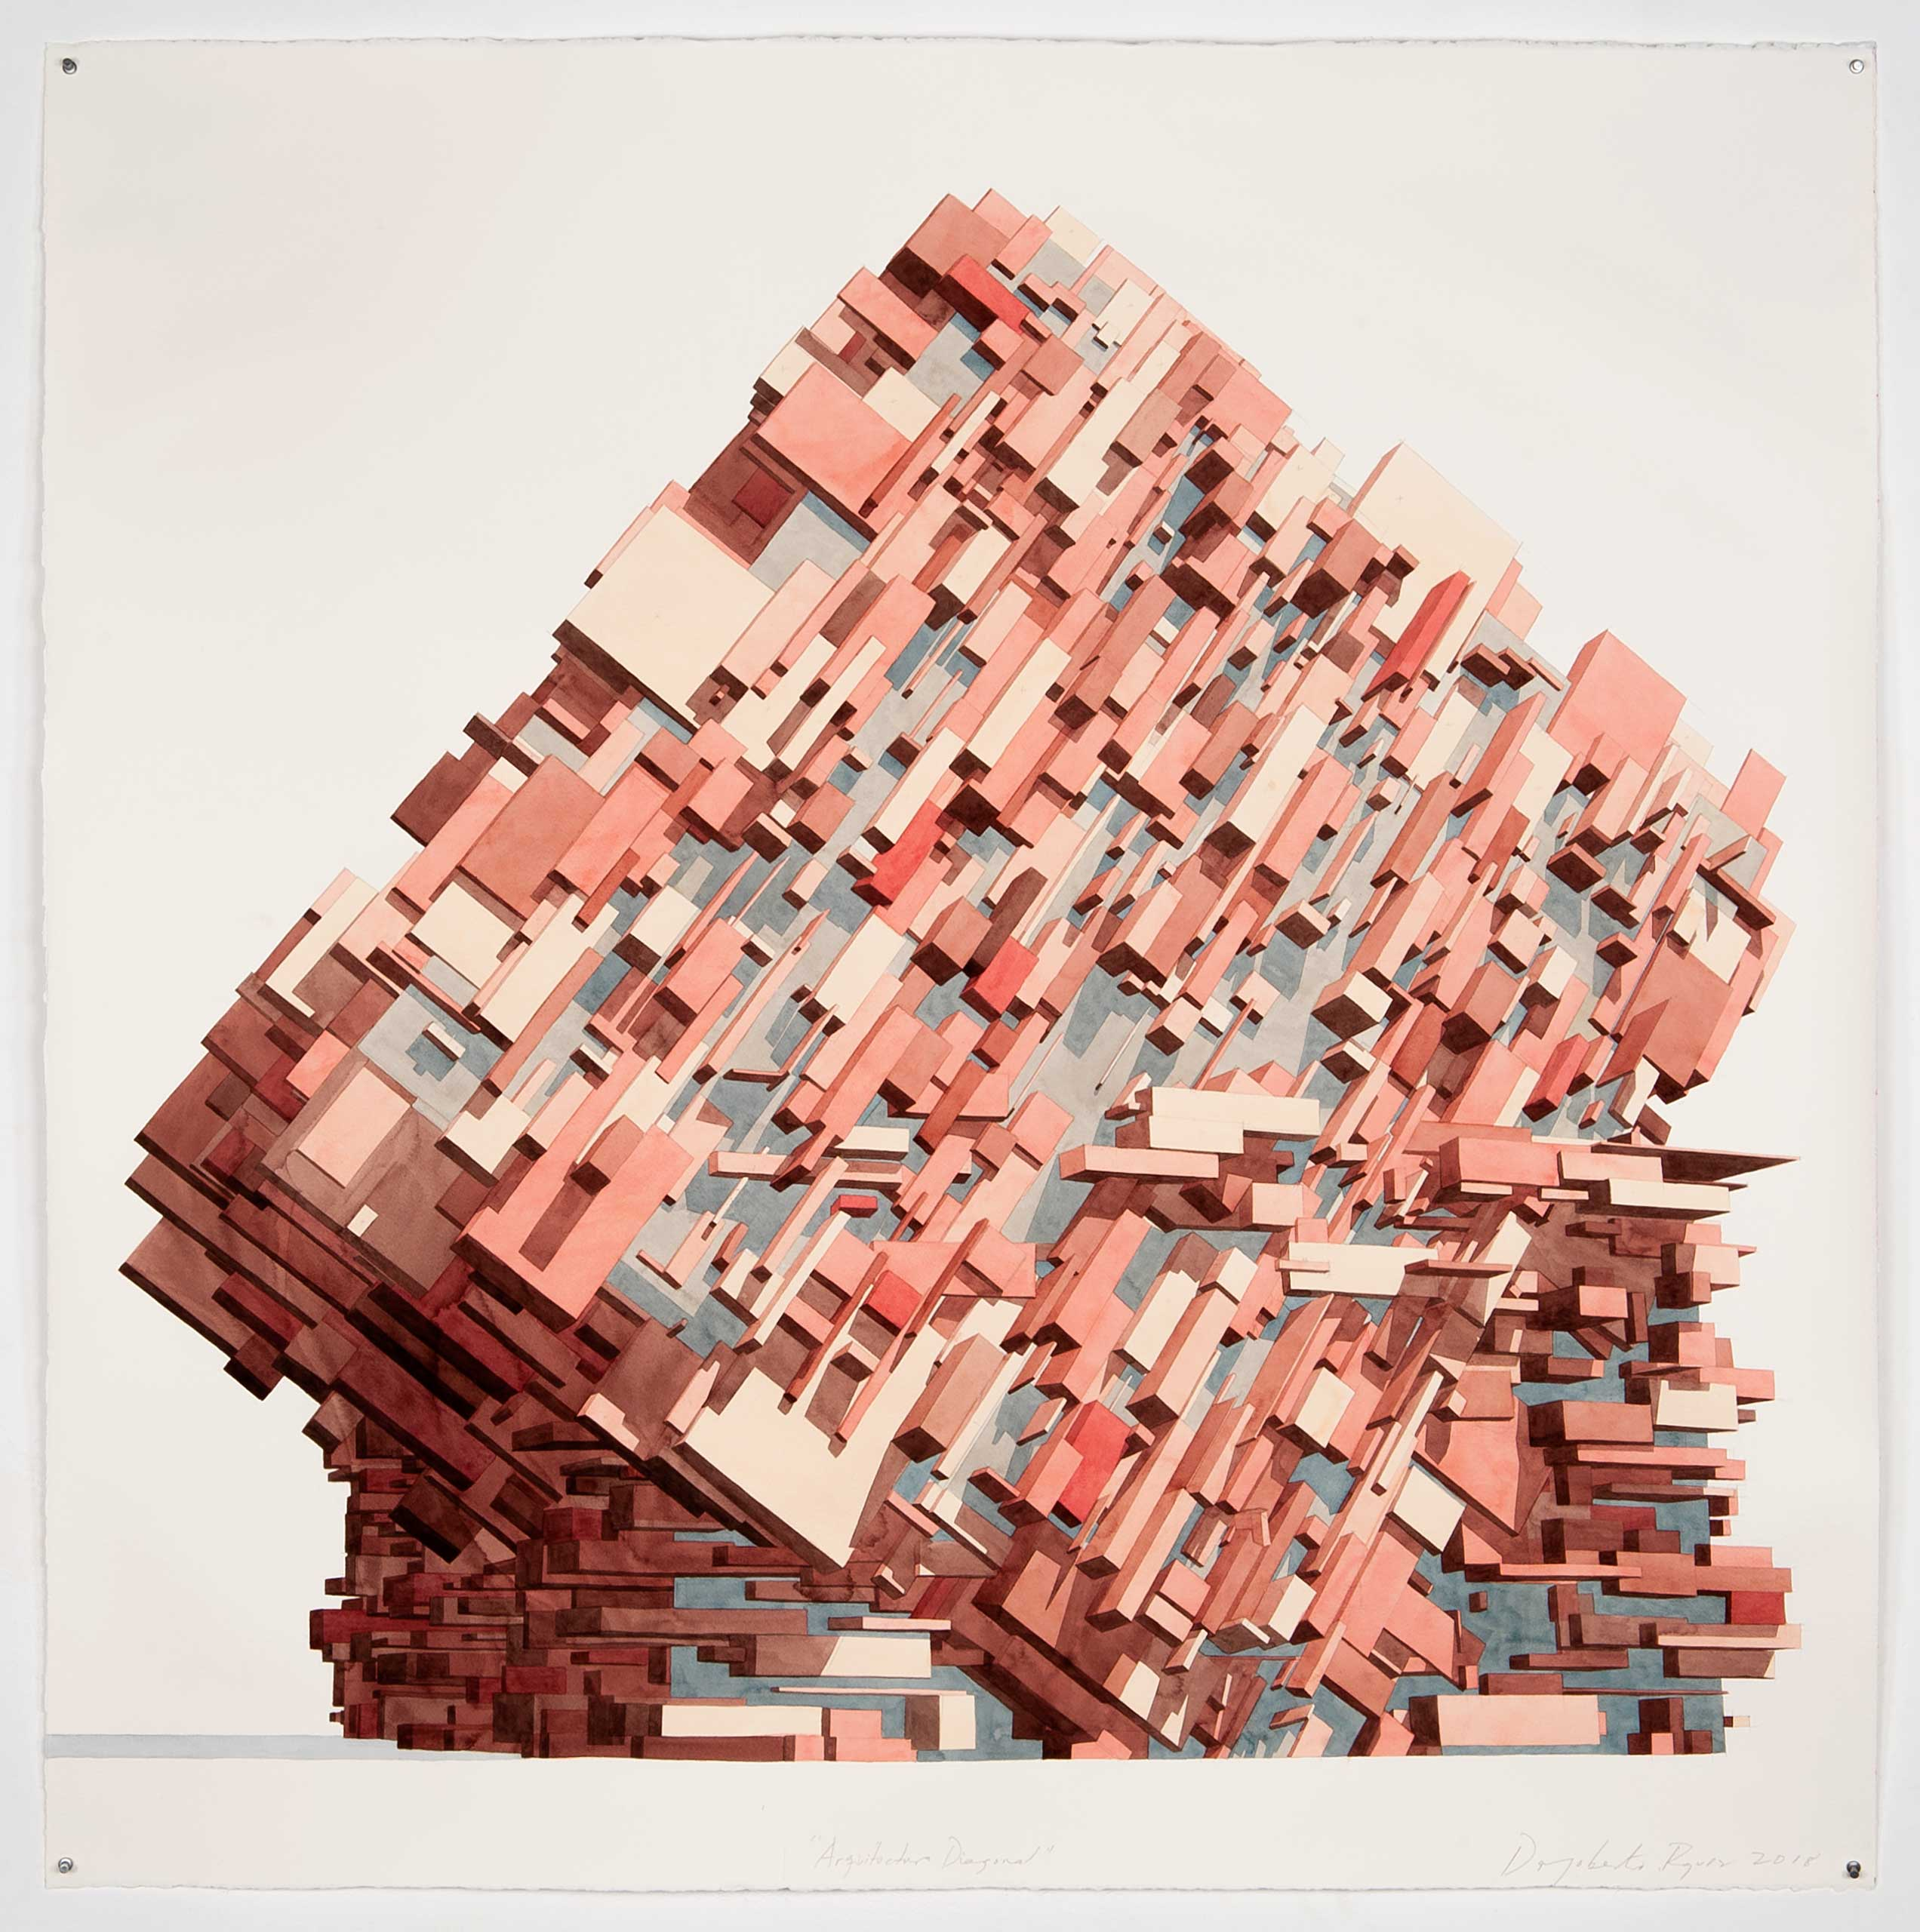 Arquitectura Diagonal